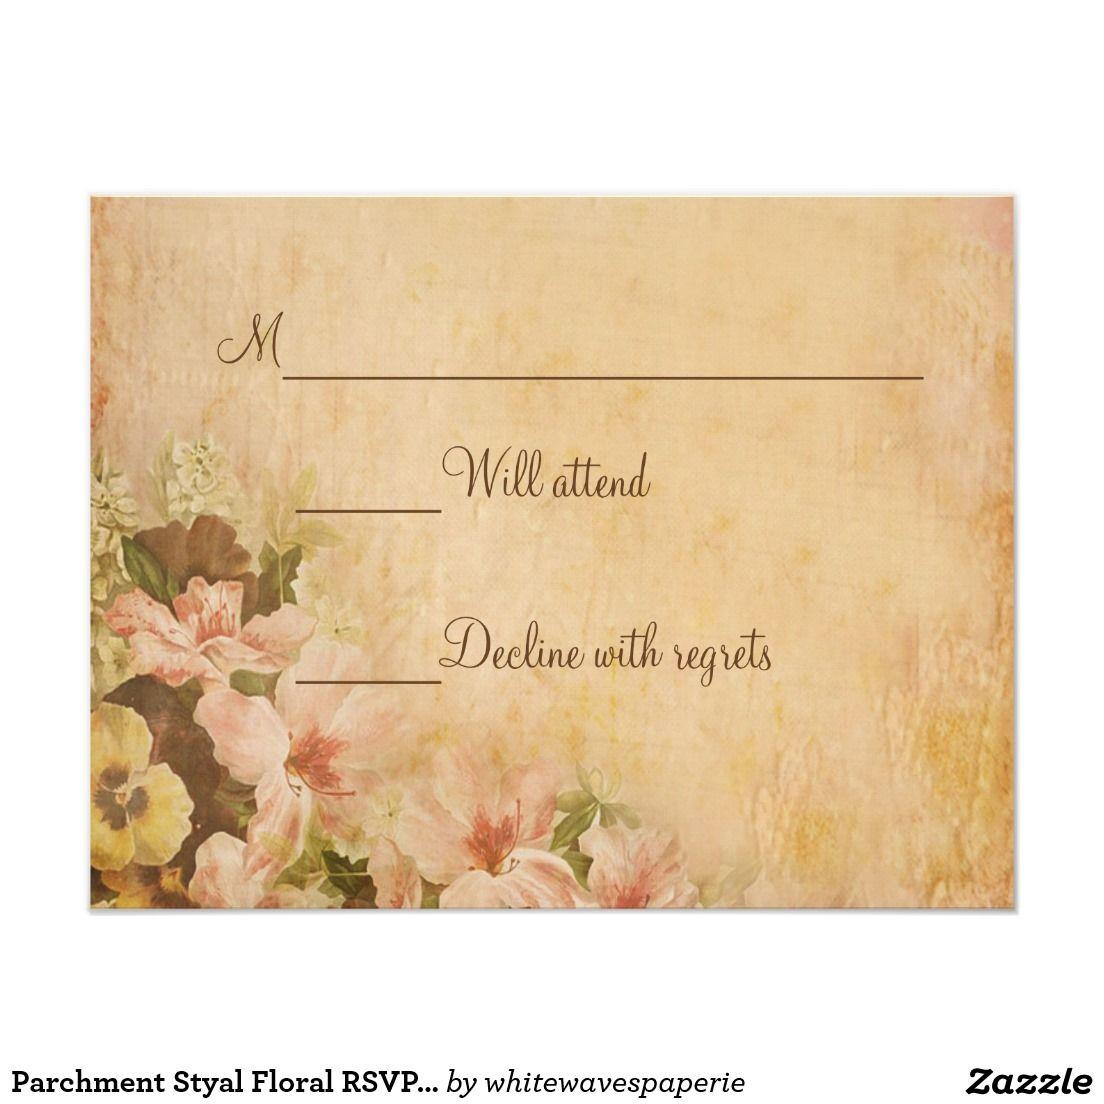 Parchment Styal Floral RSVP Cards